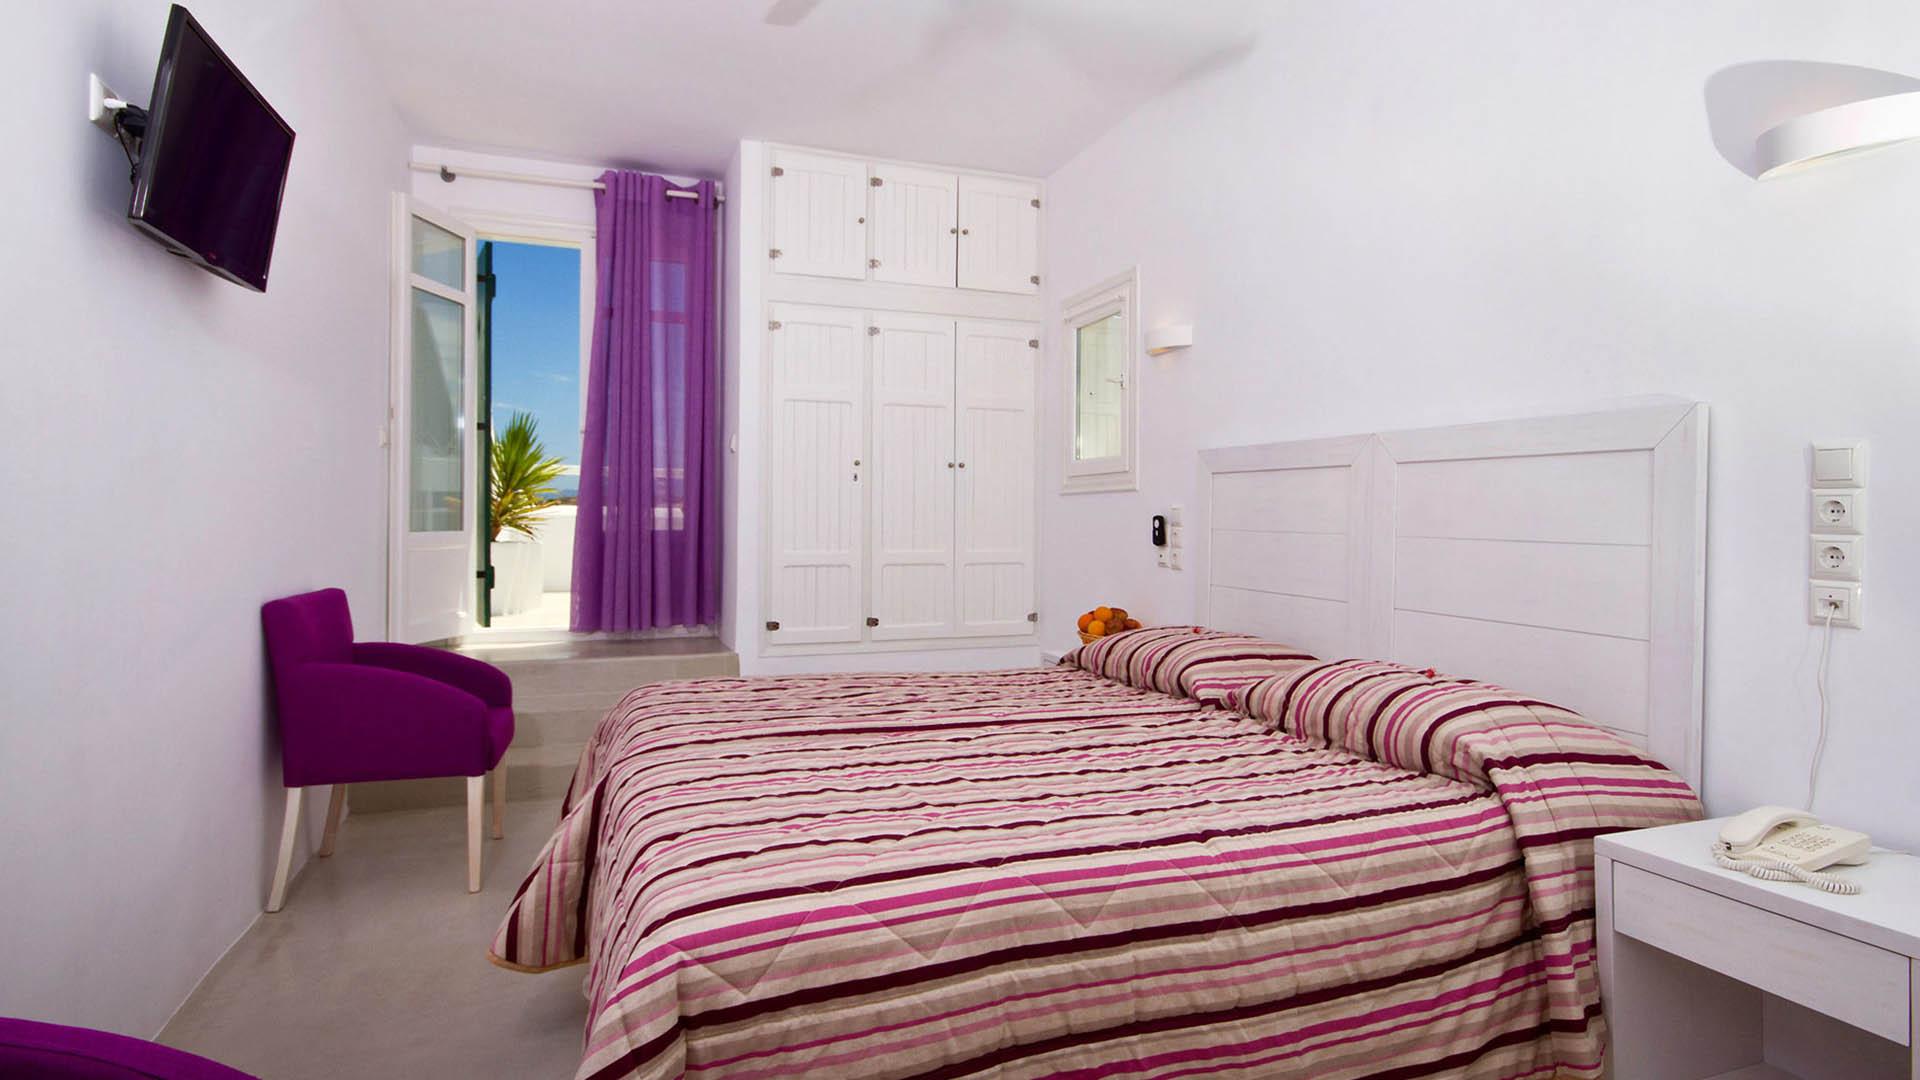 Η-_0002_15kalypsohotel-superior-rooms-paros